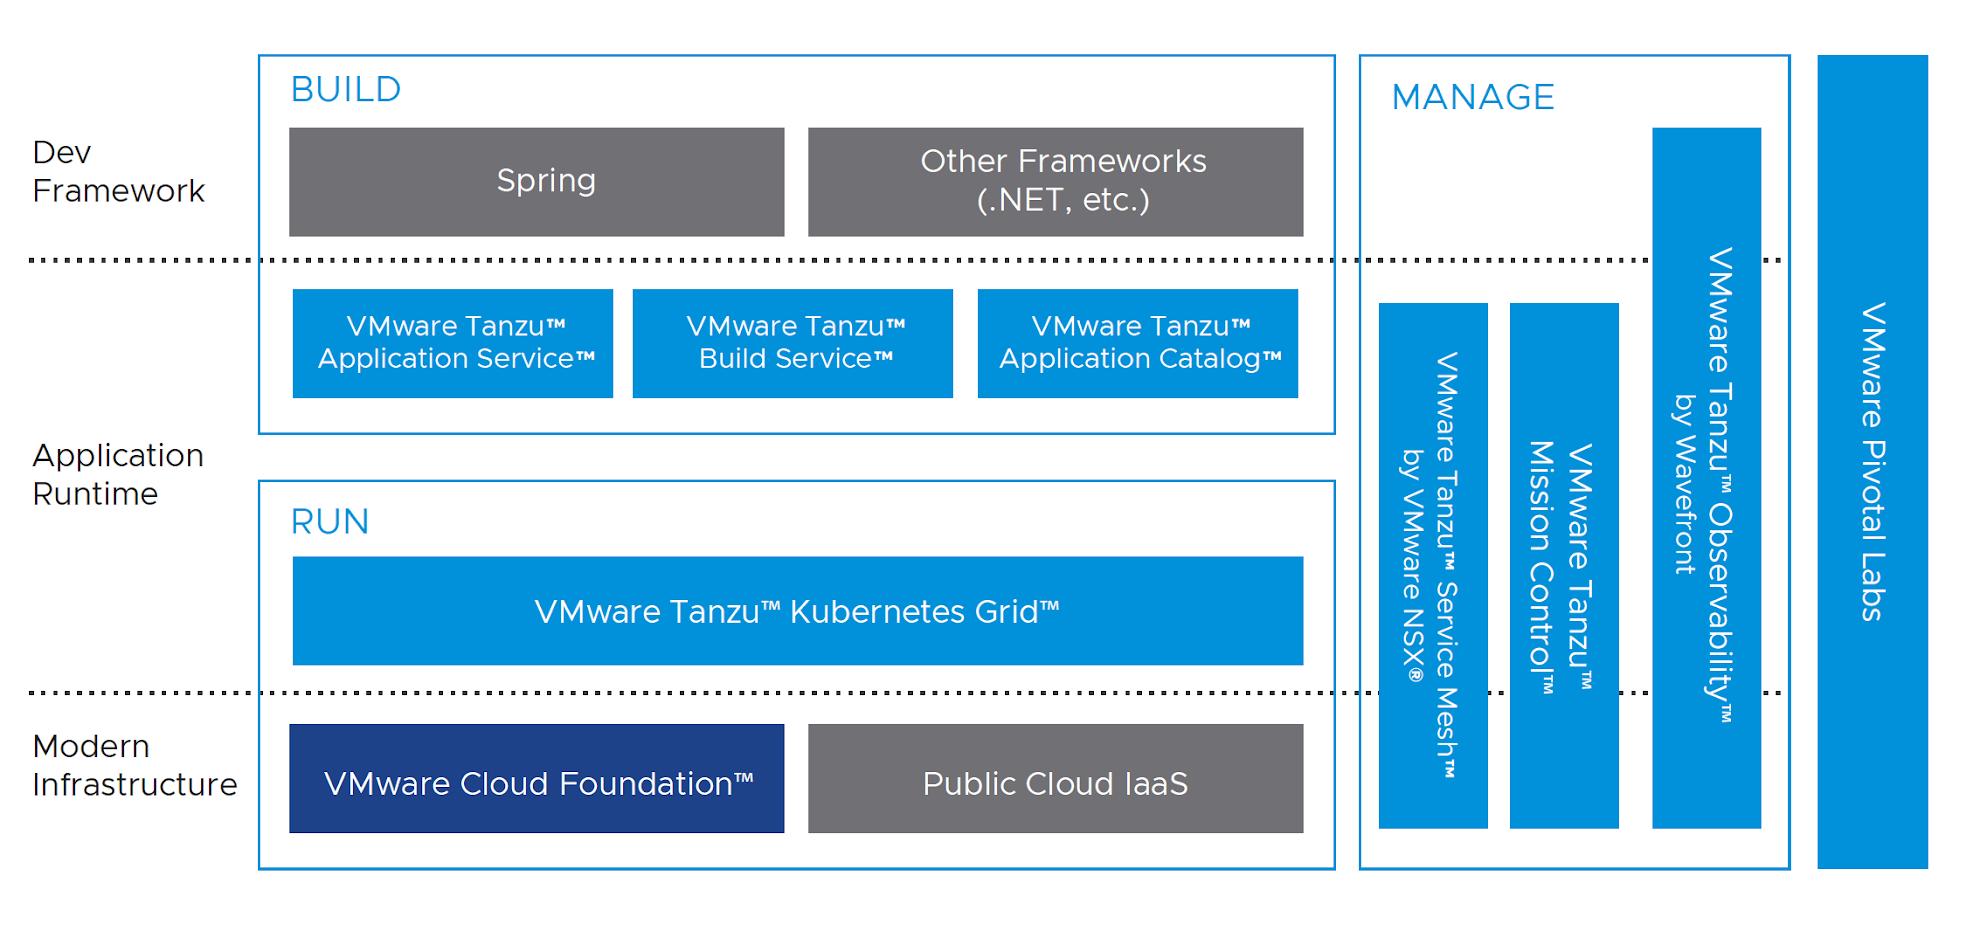 VMware Tanzu™ and VMware Pivotal Labs